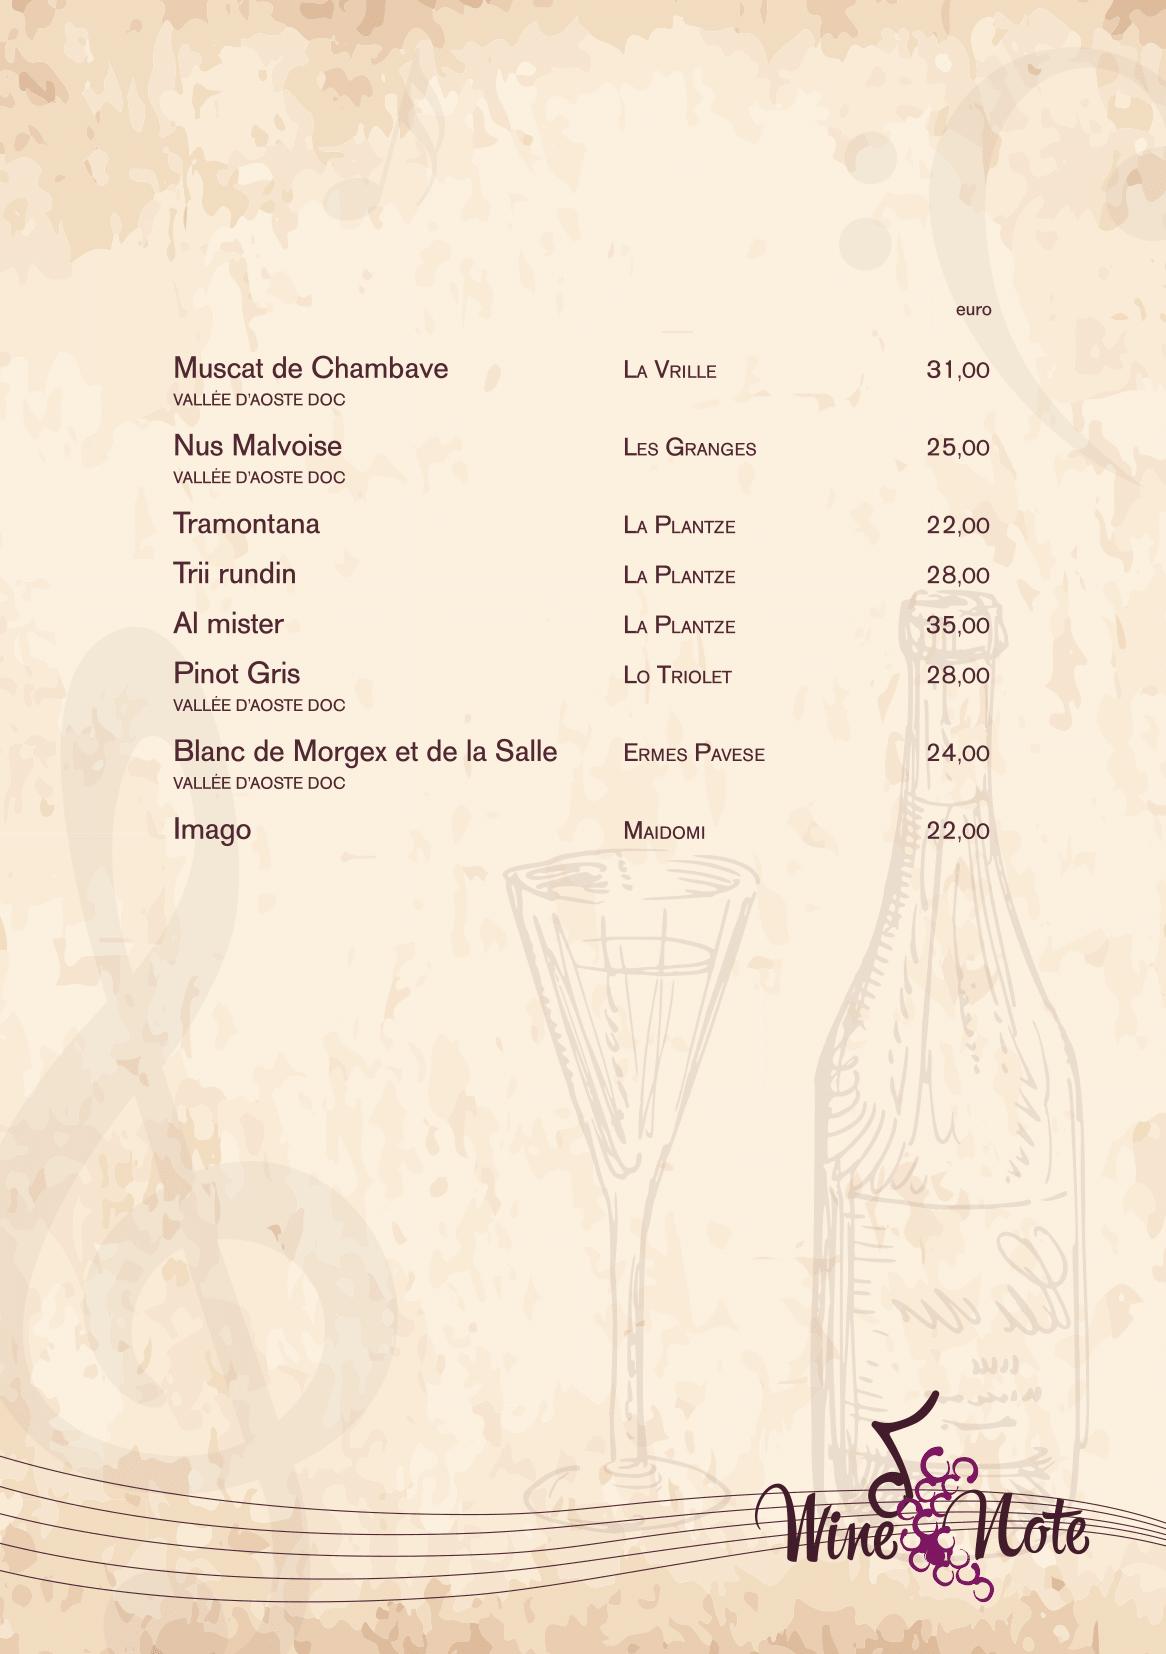 Wine note menu e vini A5-14